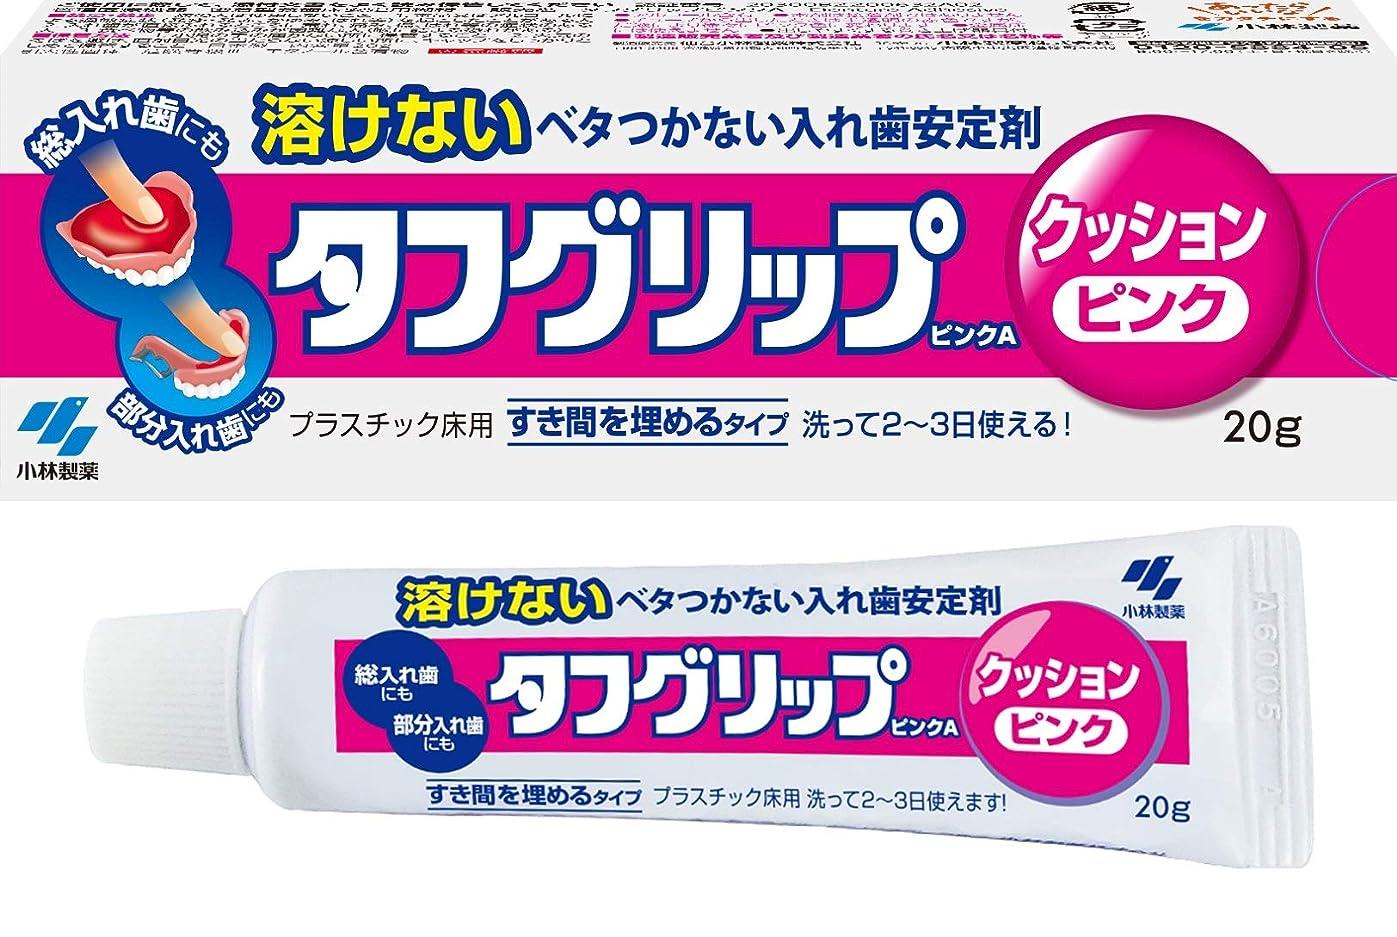 ブロンズライター実現可能タフグリップクッション ピンク 入れ歯安定剤(総入れ歯?部分入れ歯) 20g